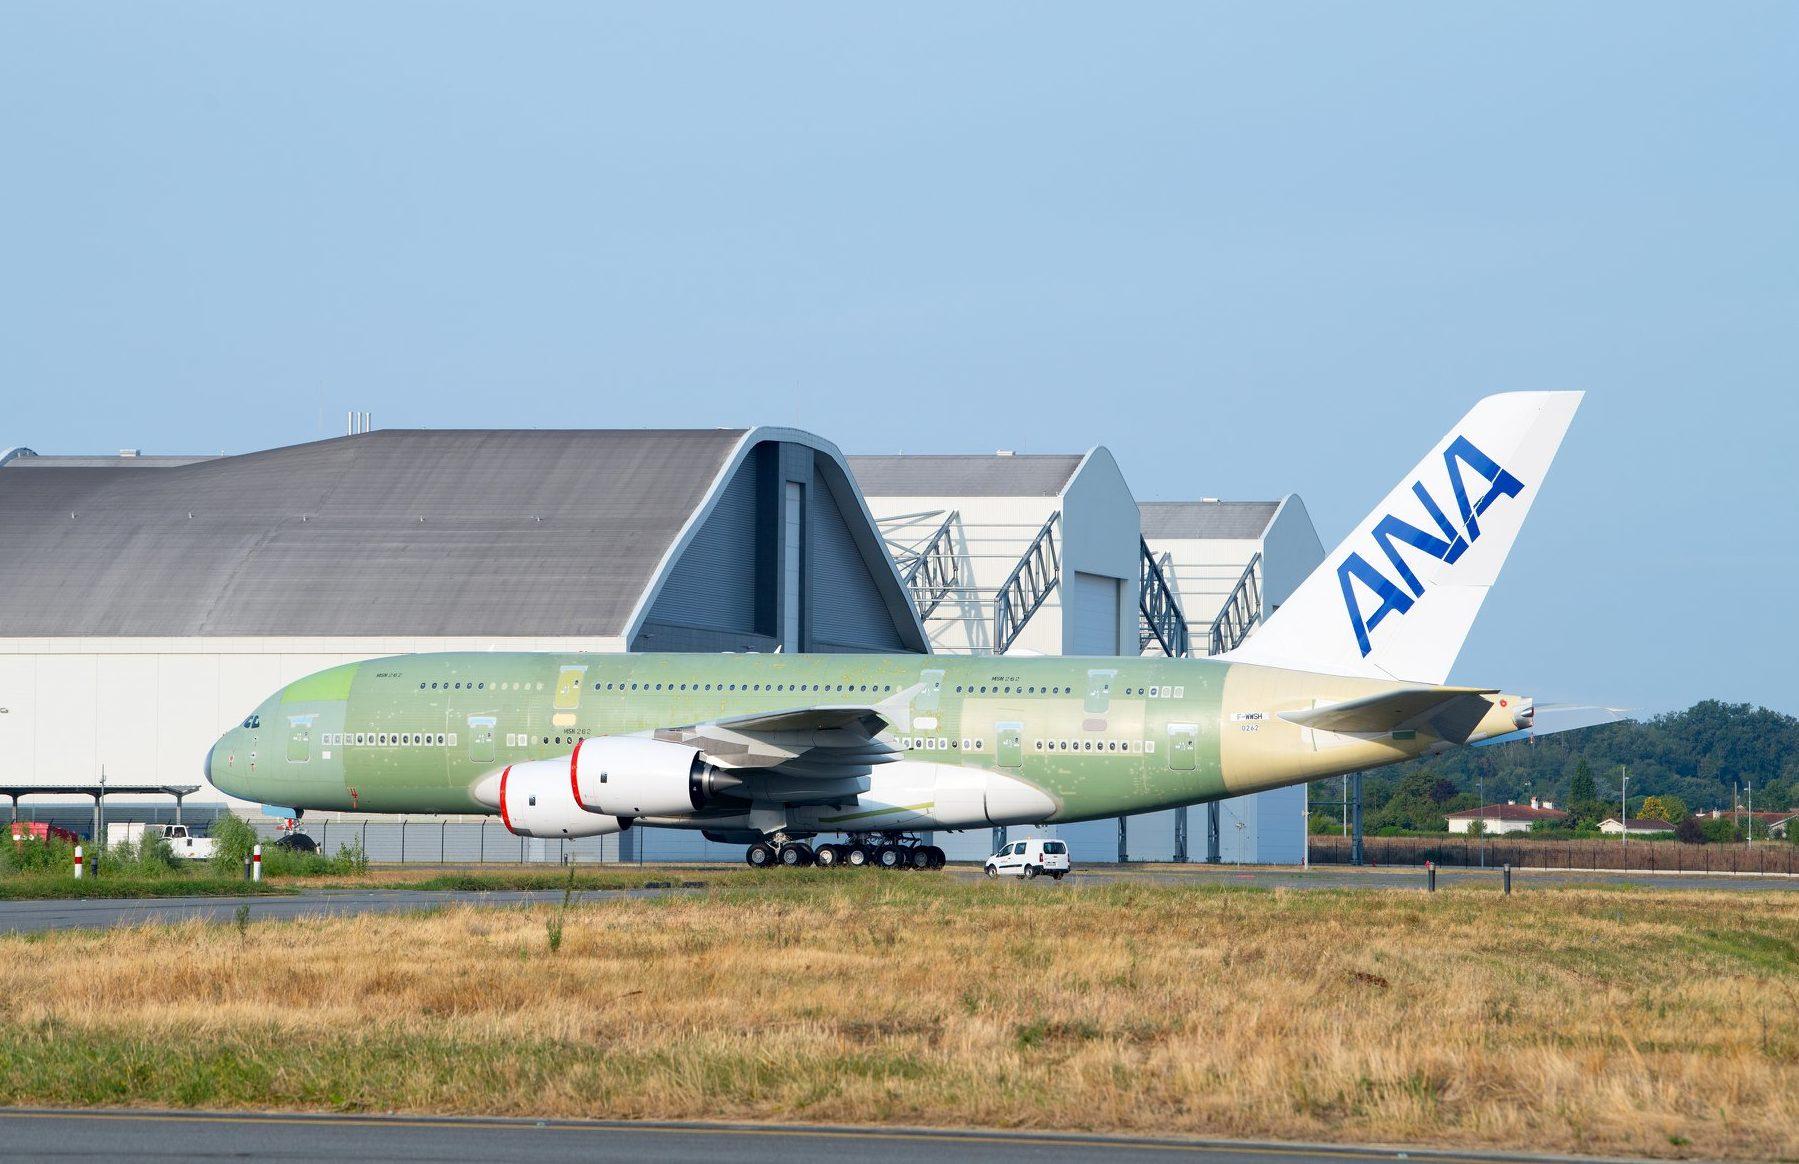 MSN262 - Le 1er A380 destiné à ANA